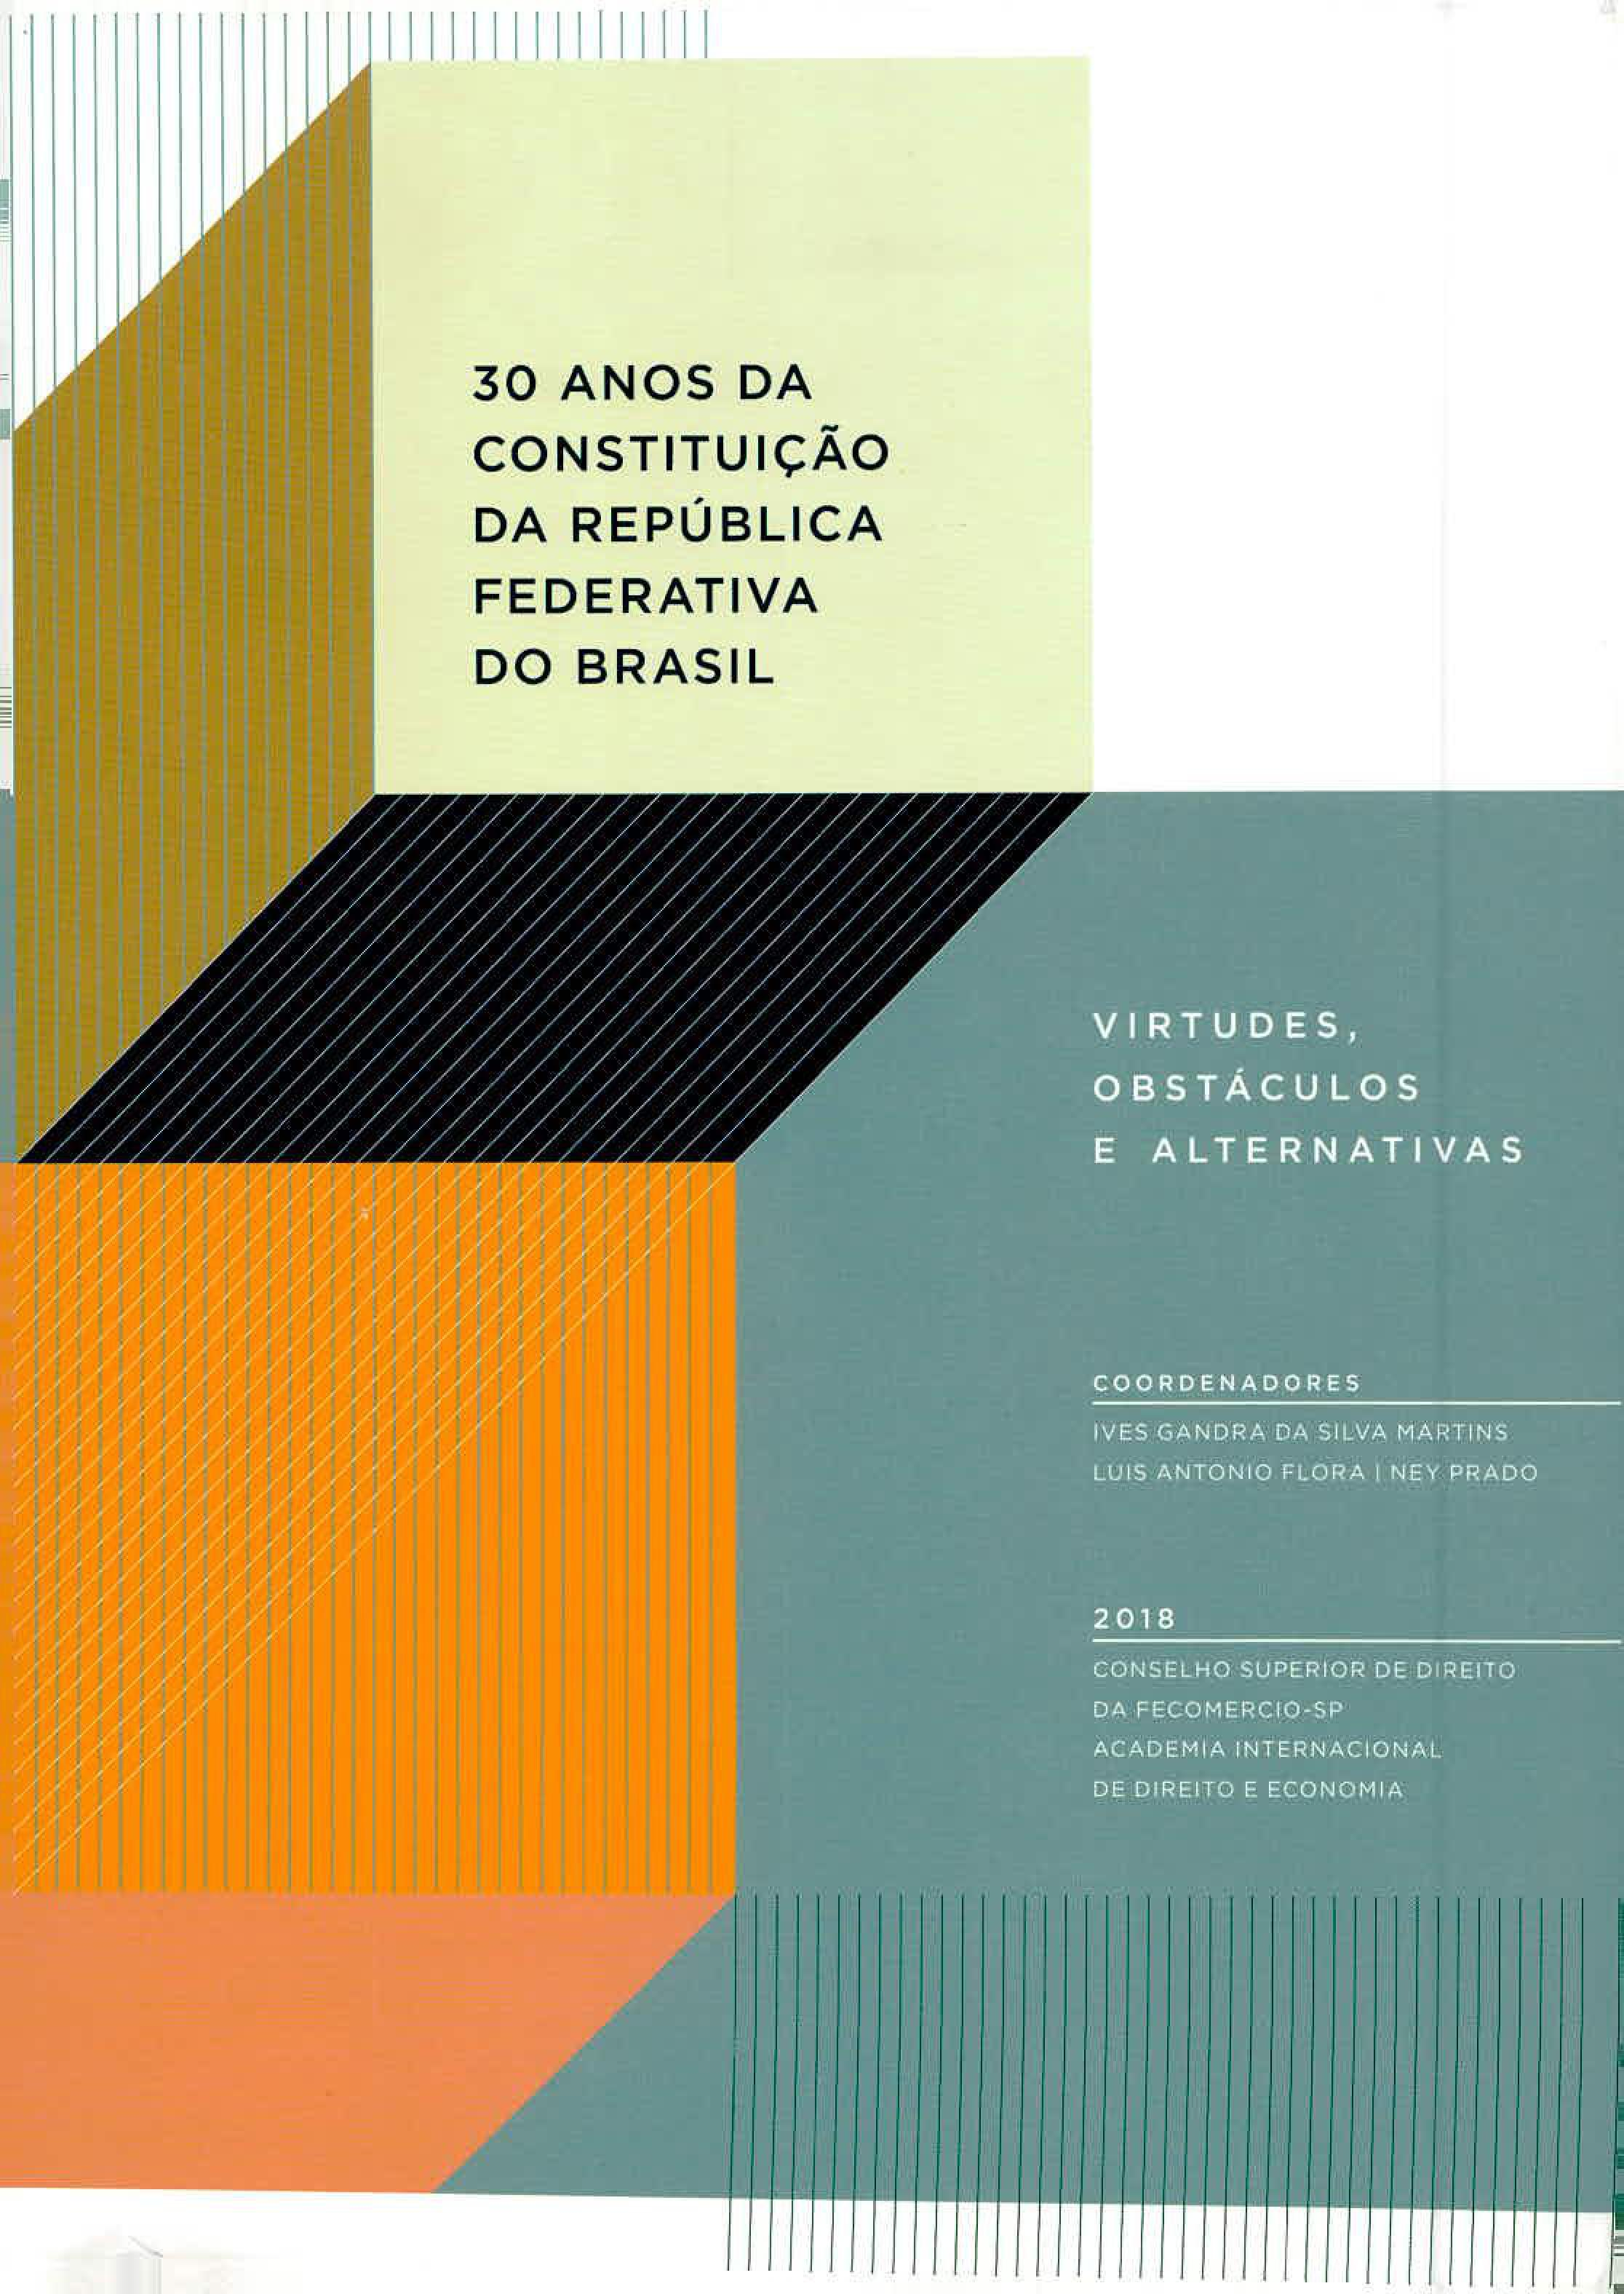 30 ANOS DA CONSTITUIÇÃO DA REPÚBLICA FEDERATIVA DO BRASIL